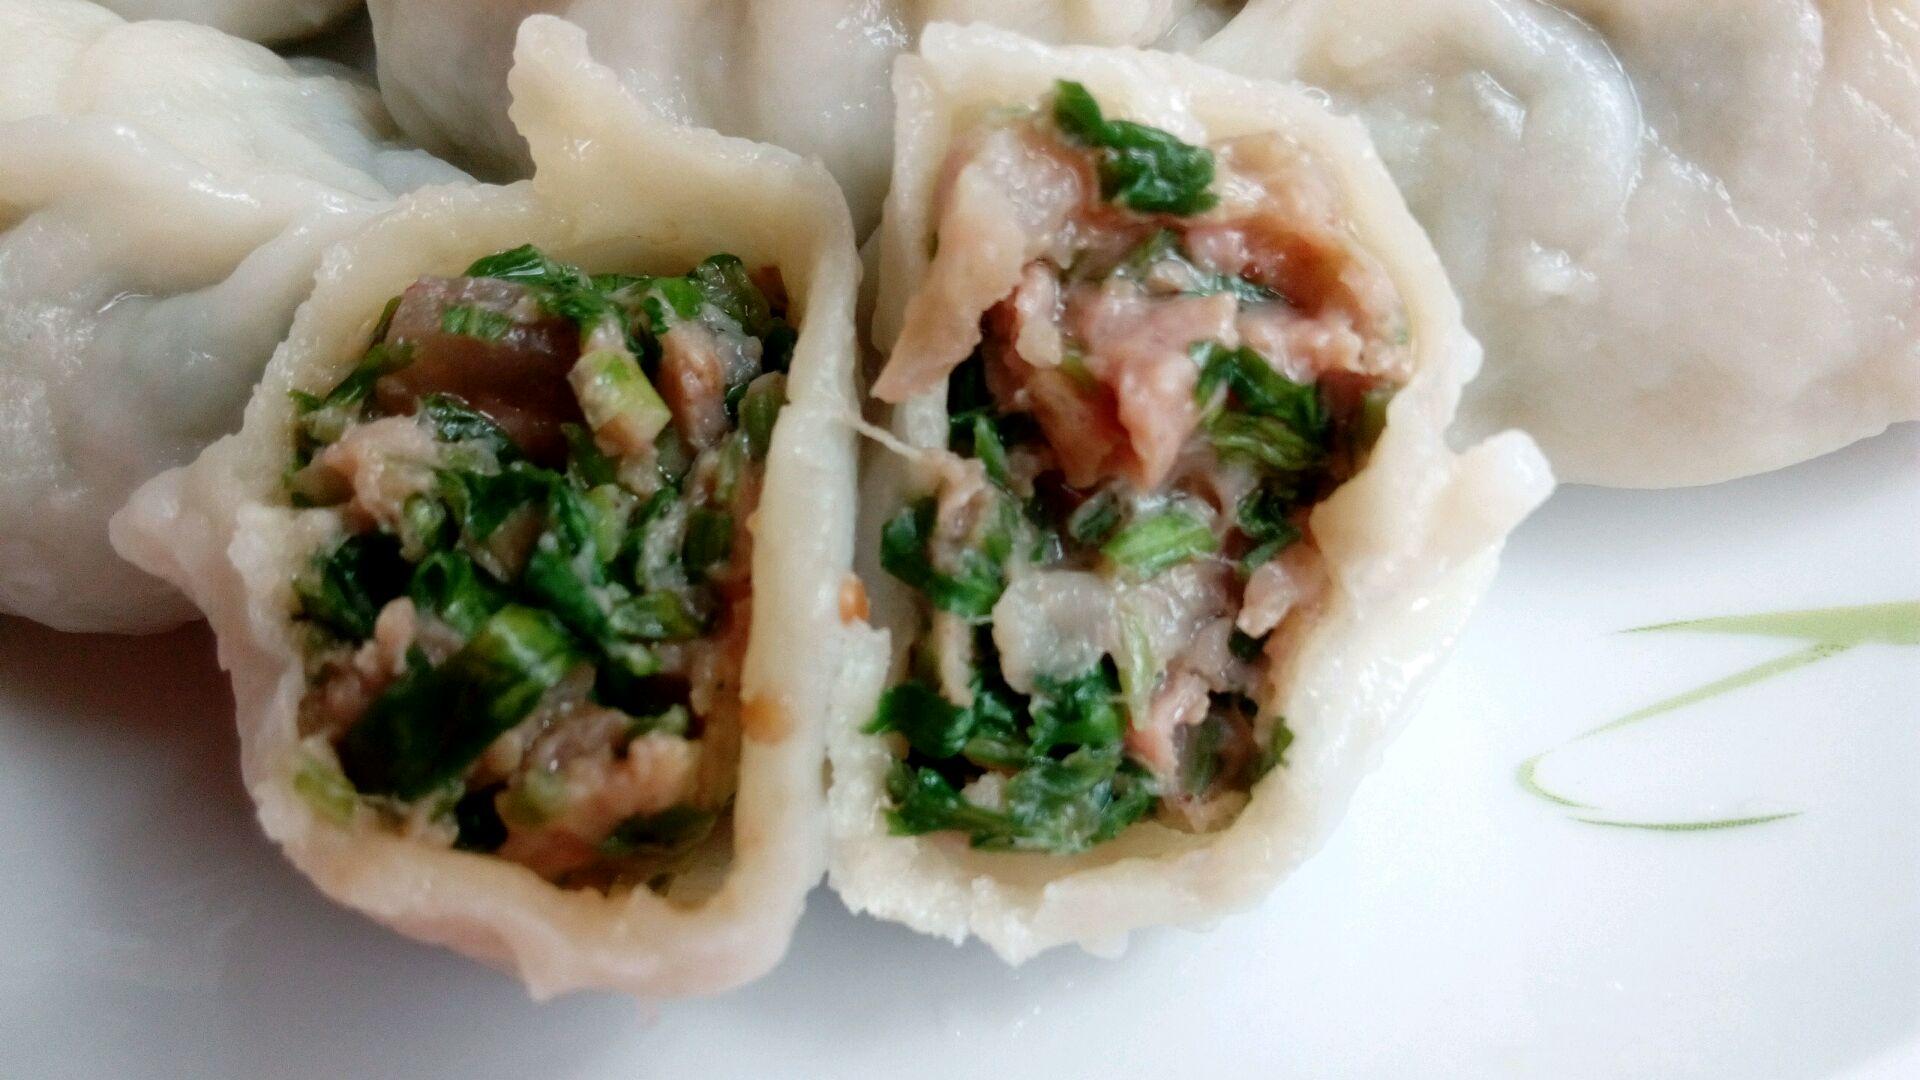 主料 面 香菜猪肉水饺的做法步骤